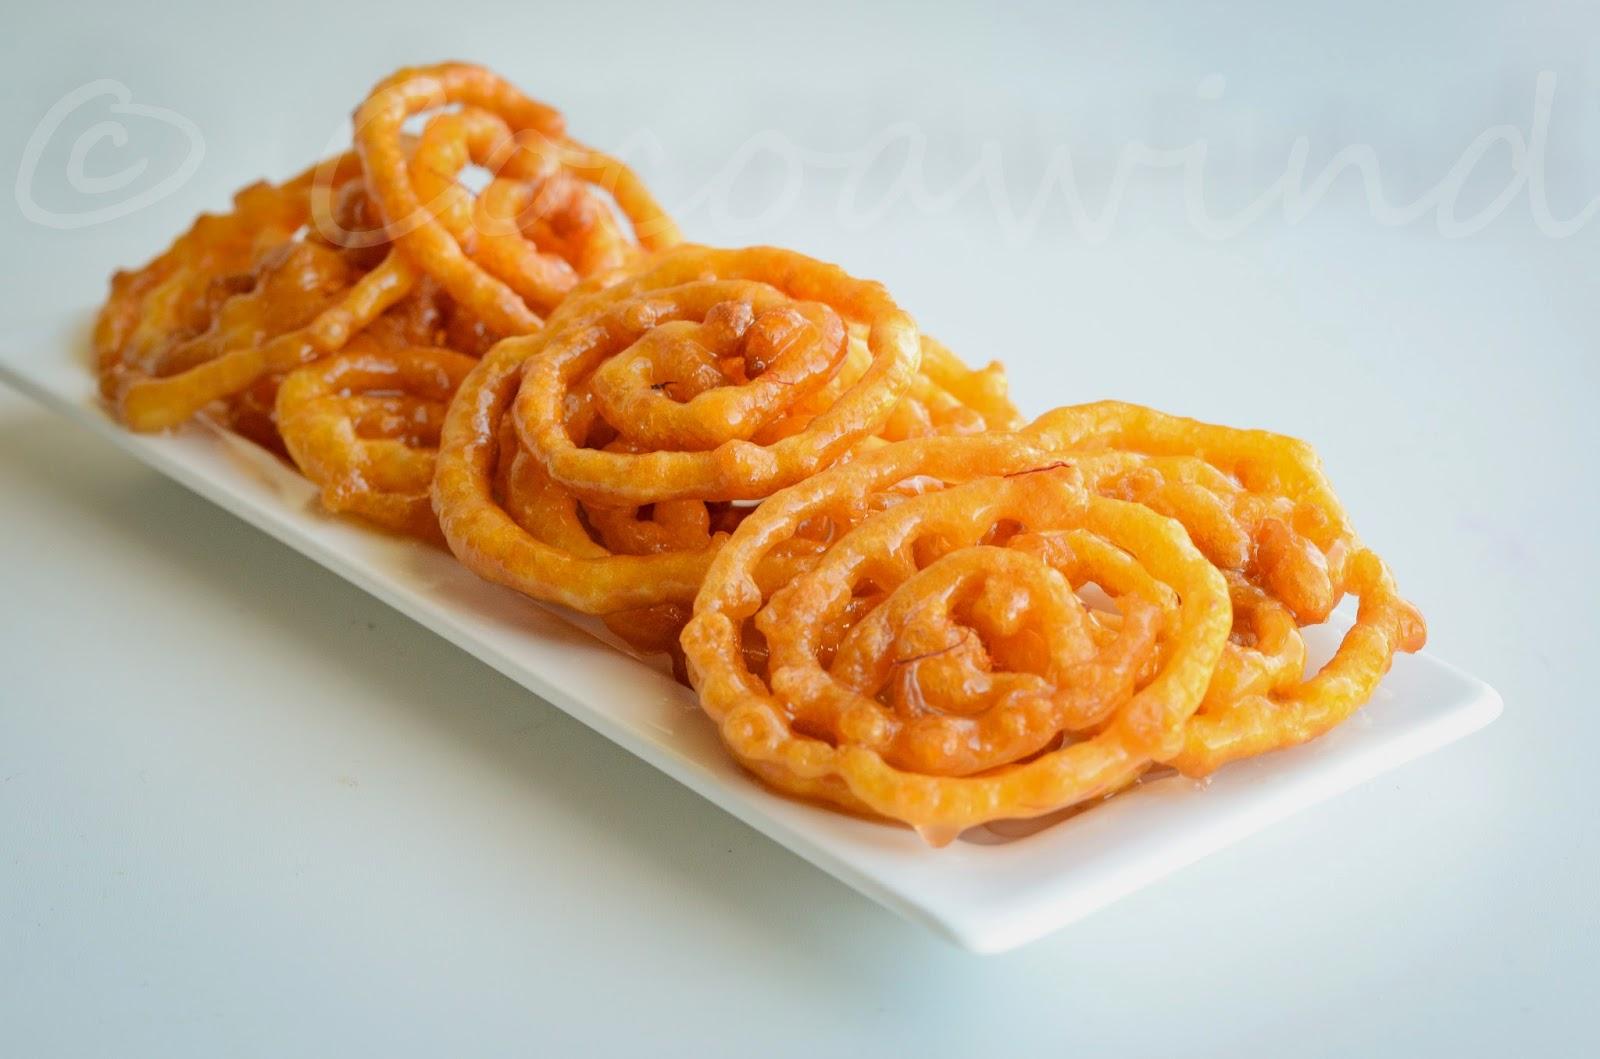 Mahalaya ey mishti mookh - Instant Jilipi/Jalebi (without yeast)